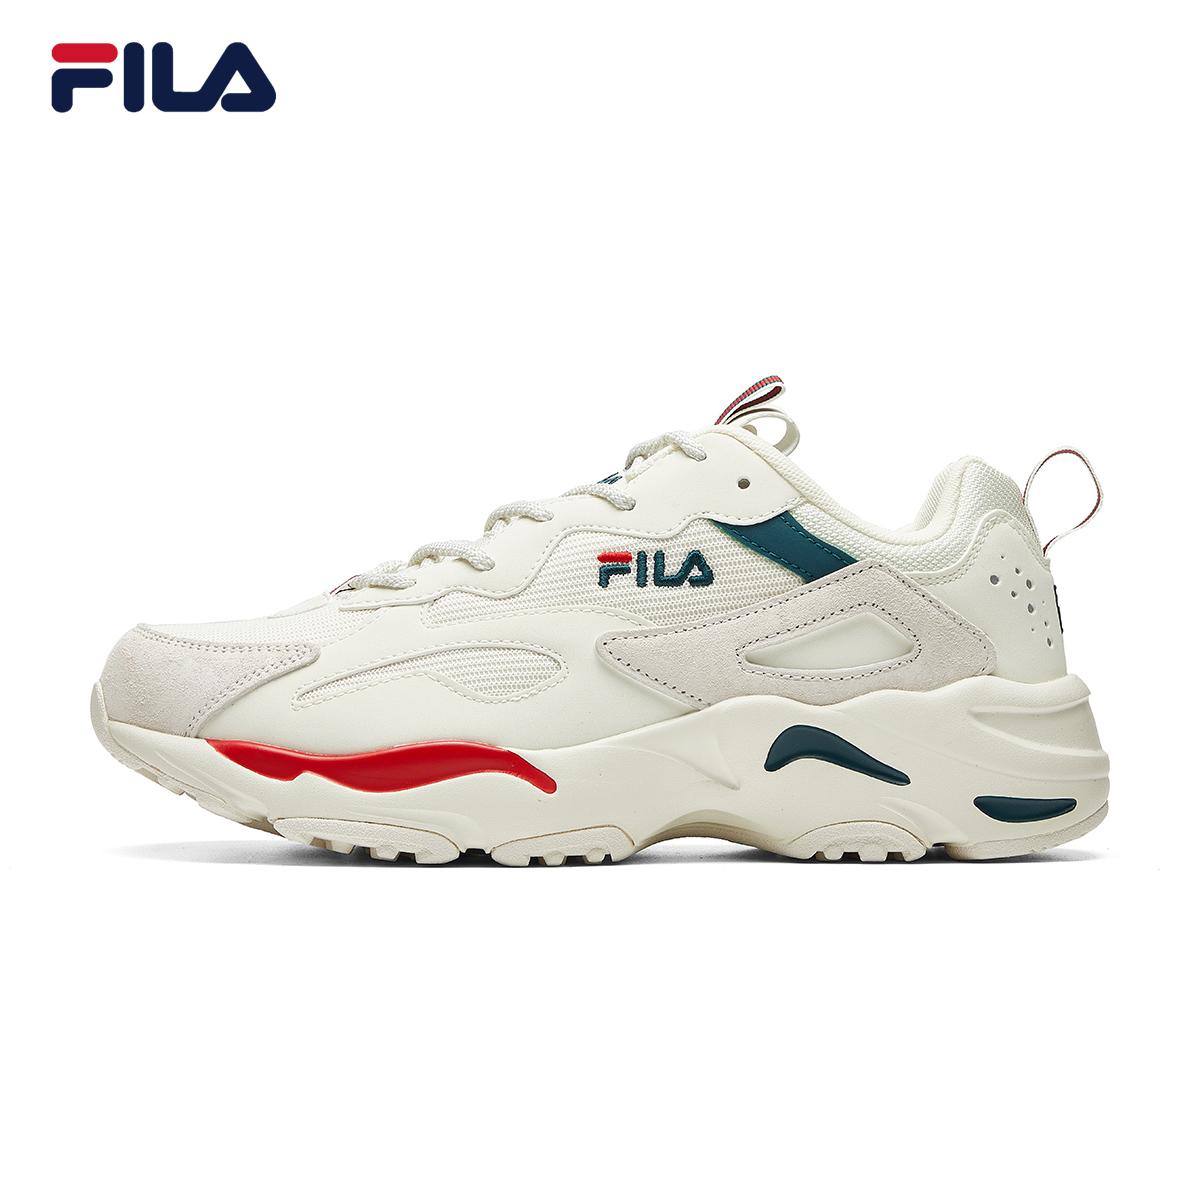 1Filaพ่อรองเท้าTracerรองเท้าผู้หญิงรองเท้าวิ่ง2020ฤดูใบไม้ร่วงแฟชั่นรองเท้าลำลองป่า